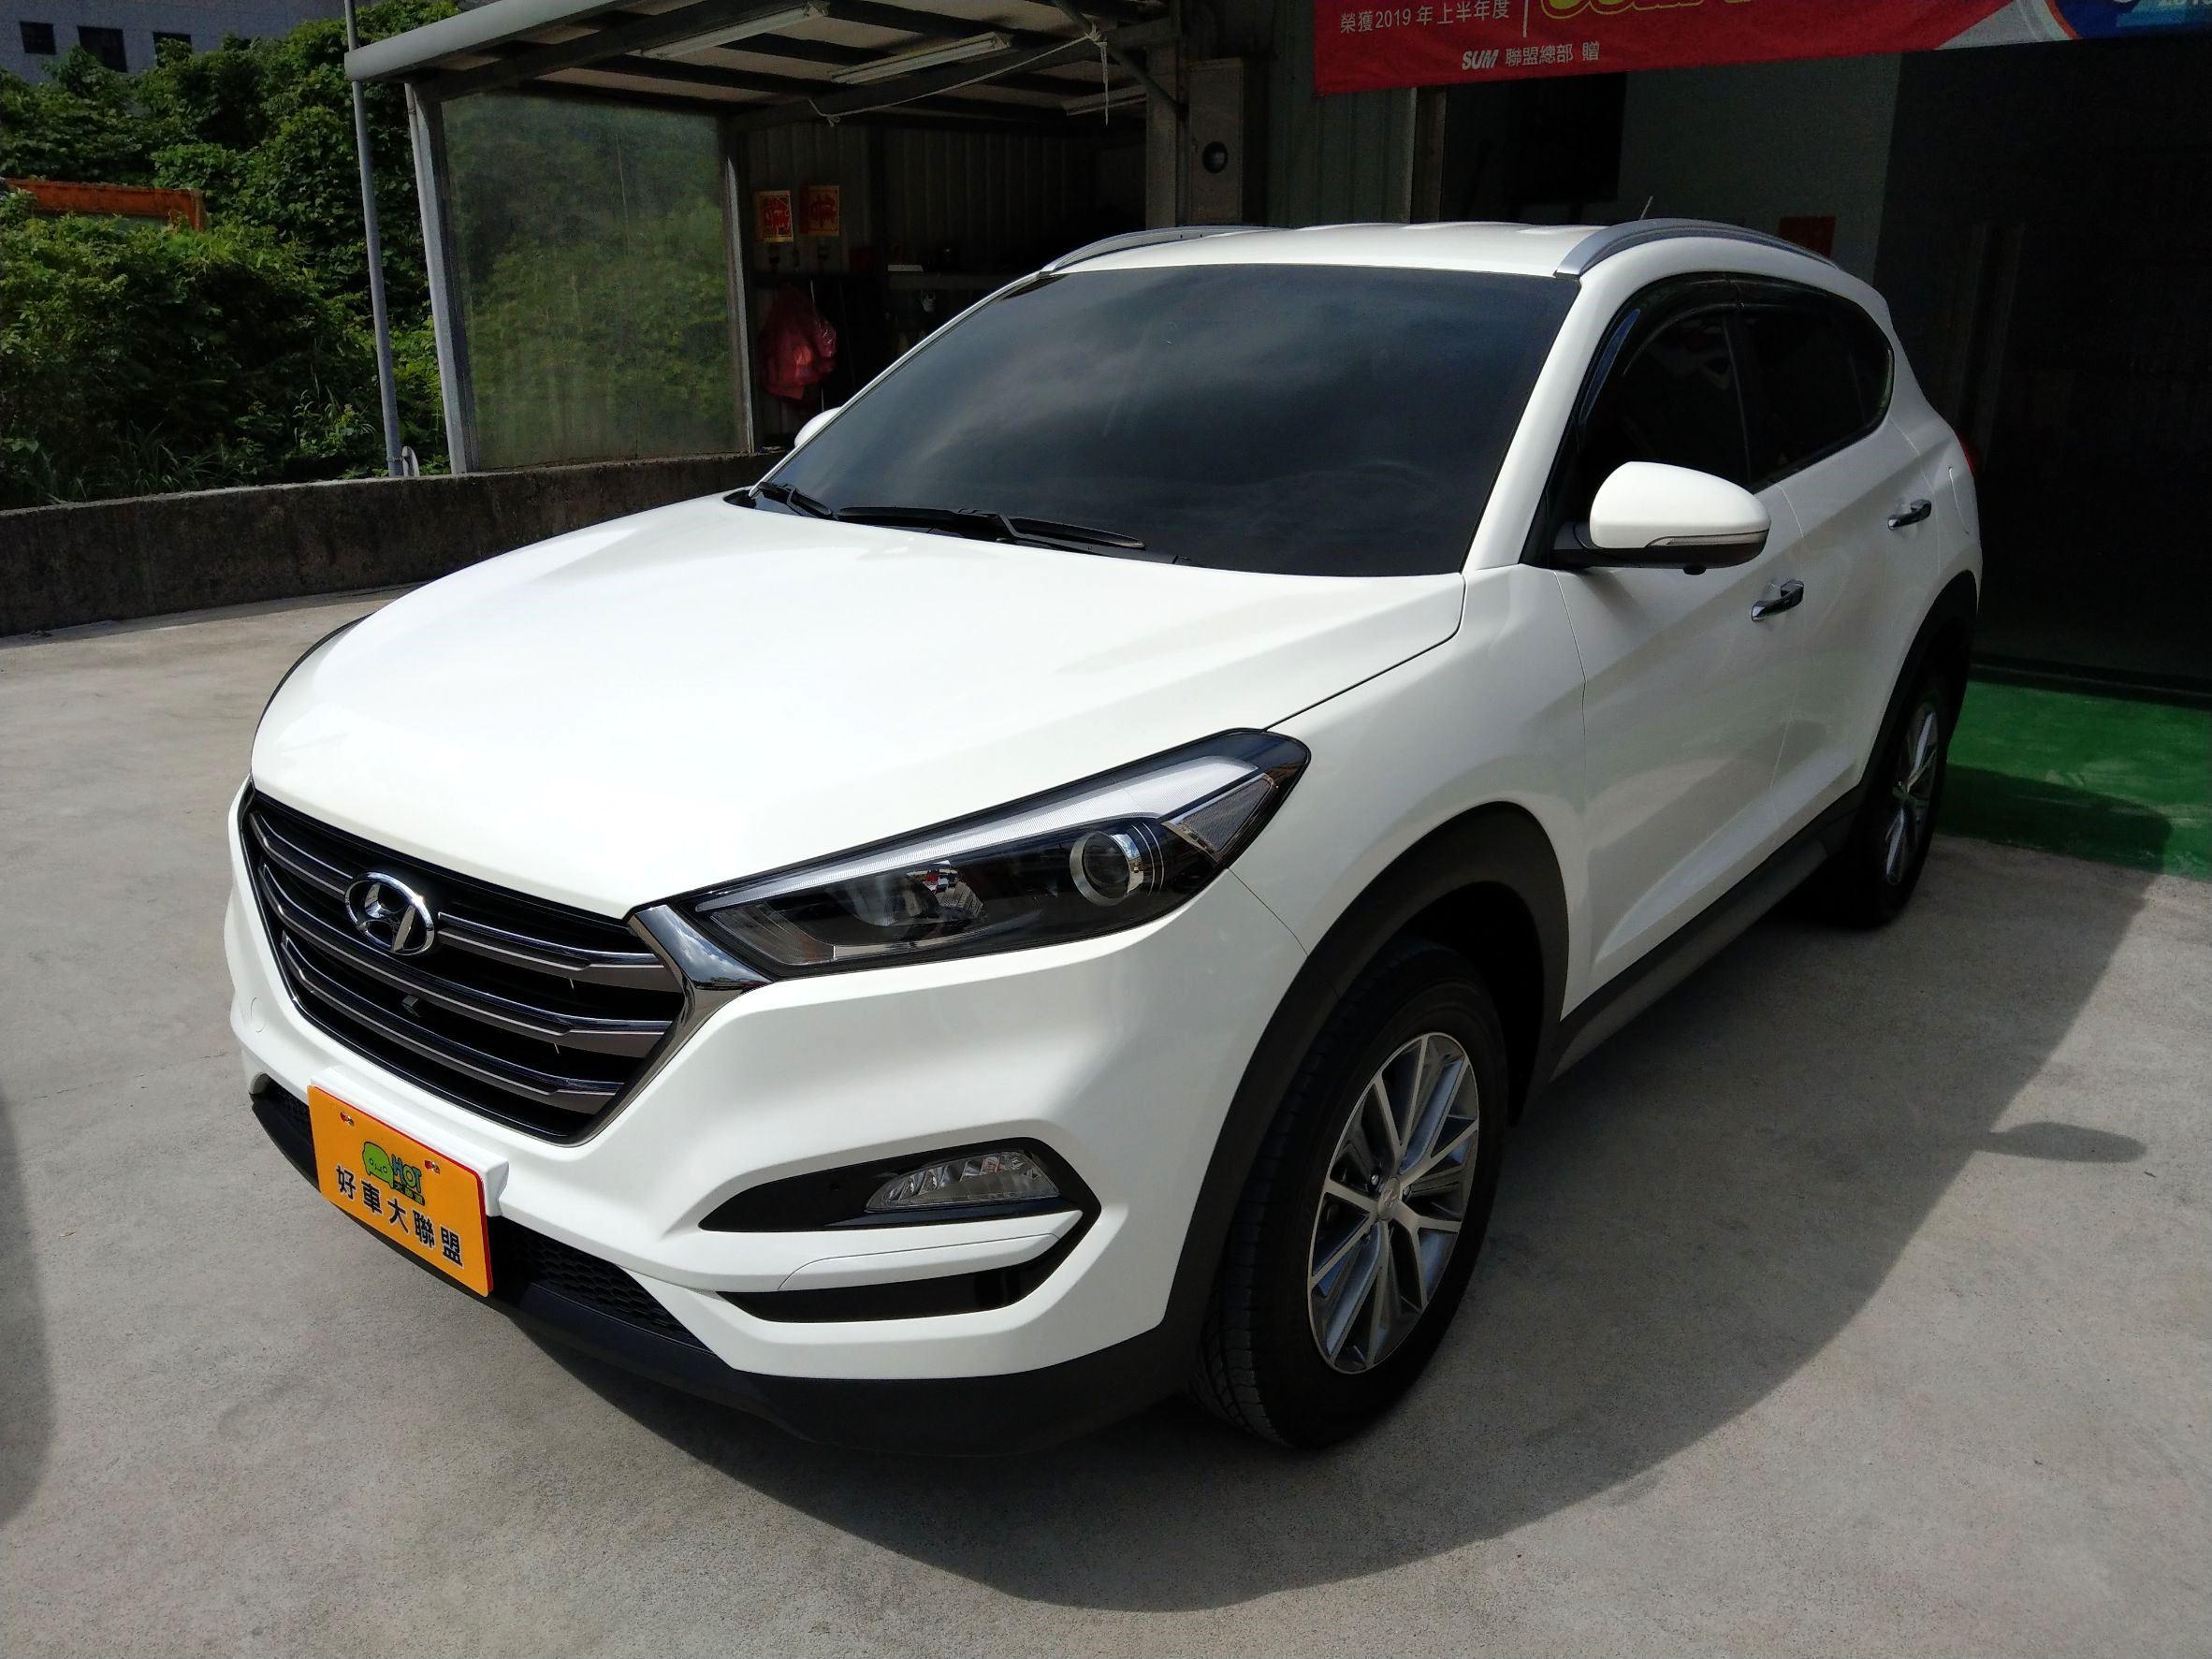 2018 Hyundai 現代 Tucson